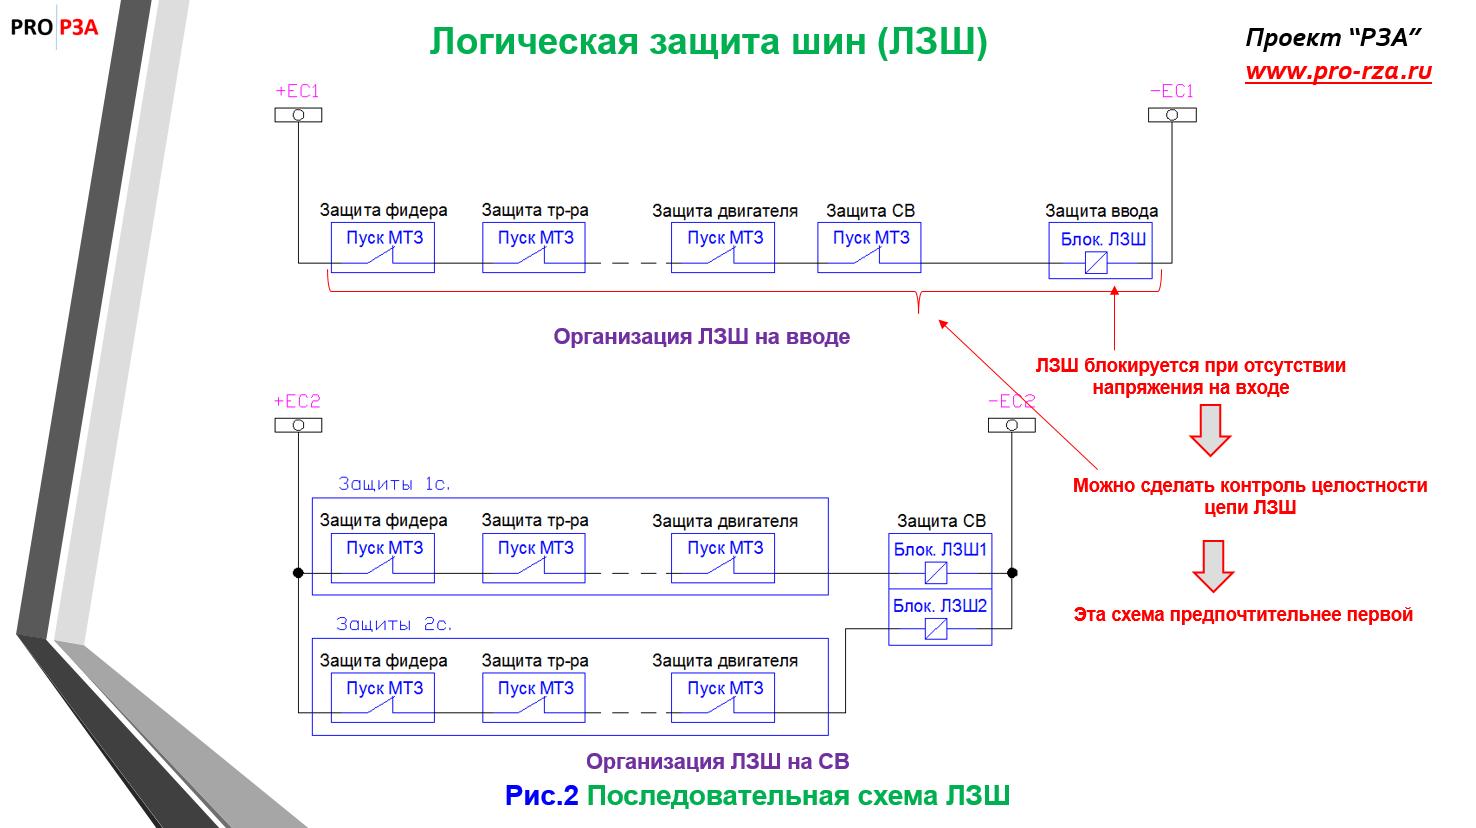 Последовательная схема ЛЗШ